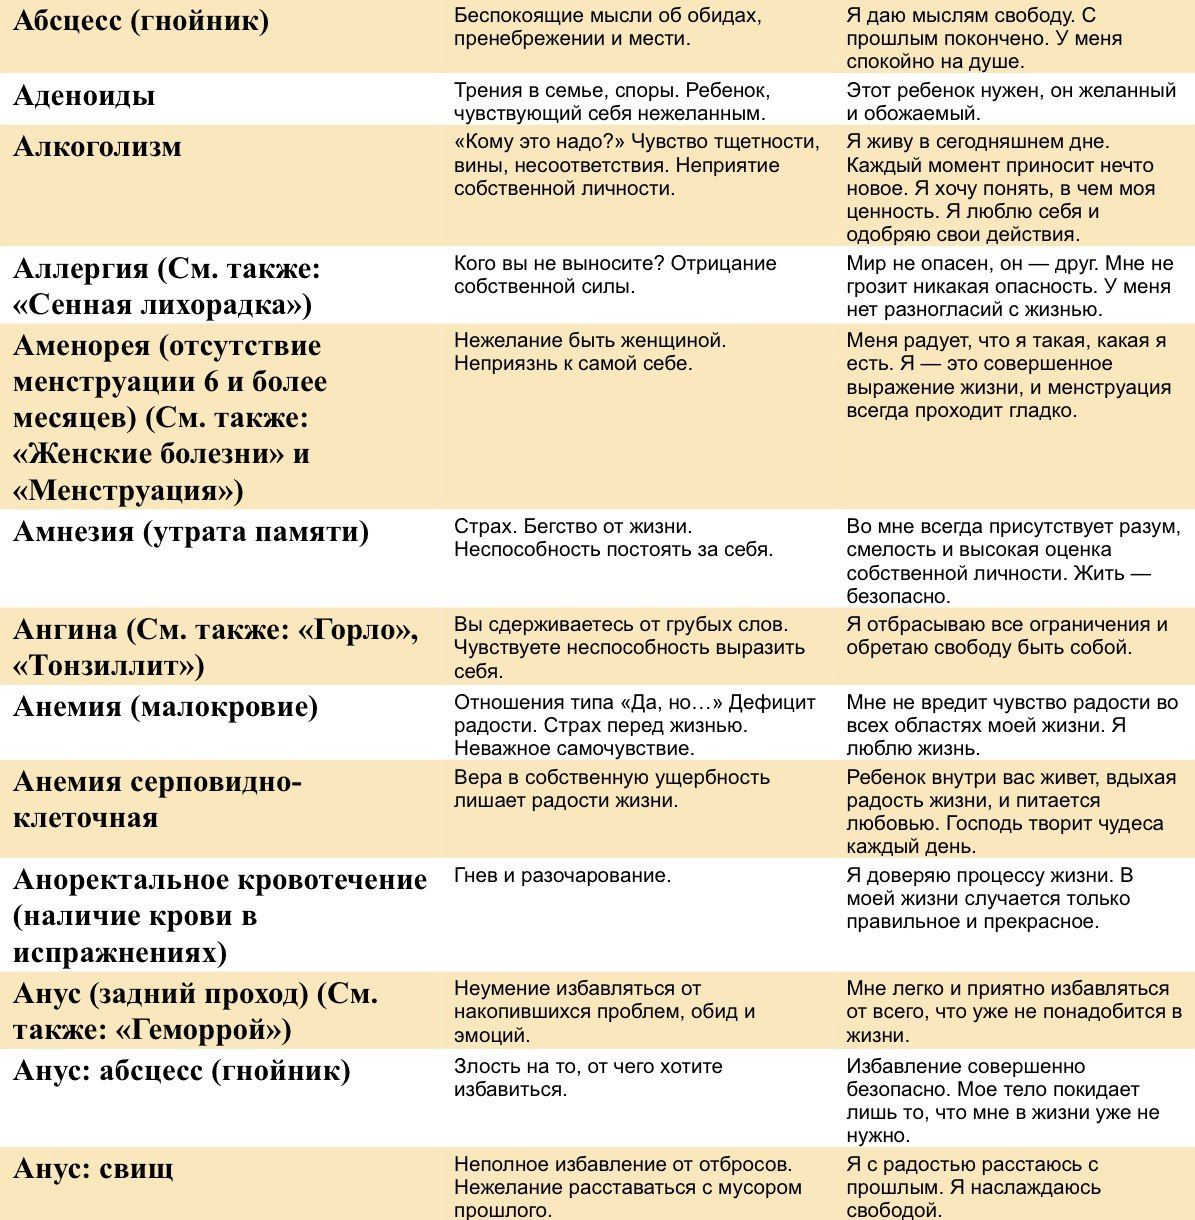 Луиза хей таблица болезней повышенное давление — Cardio